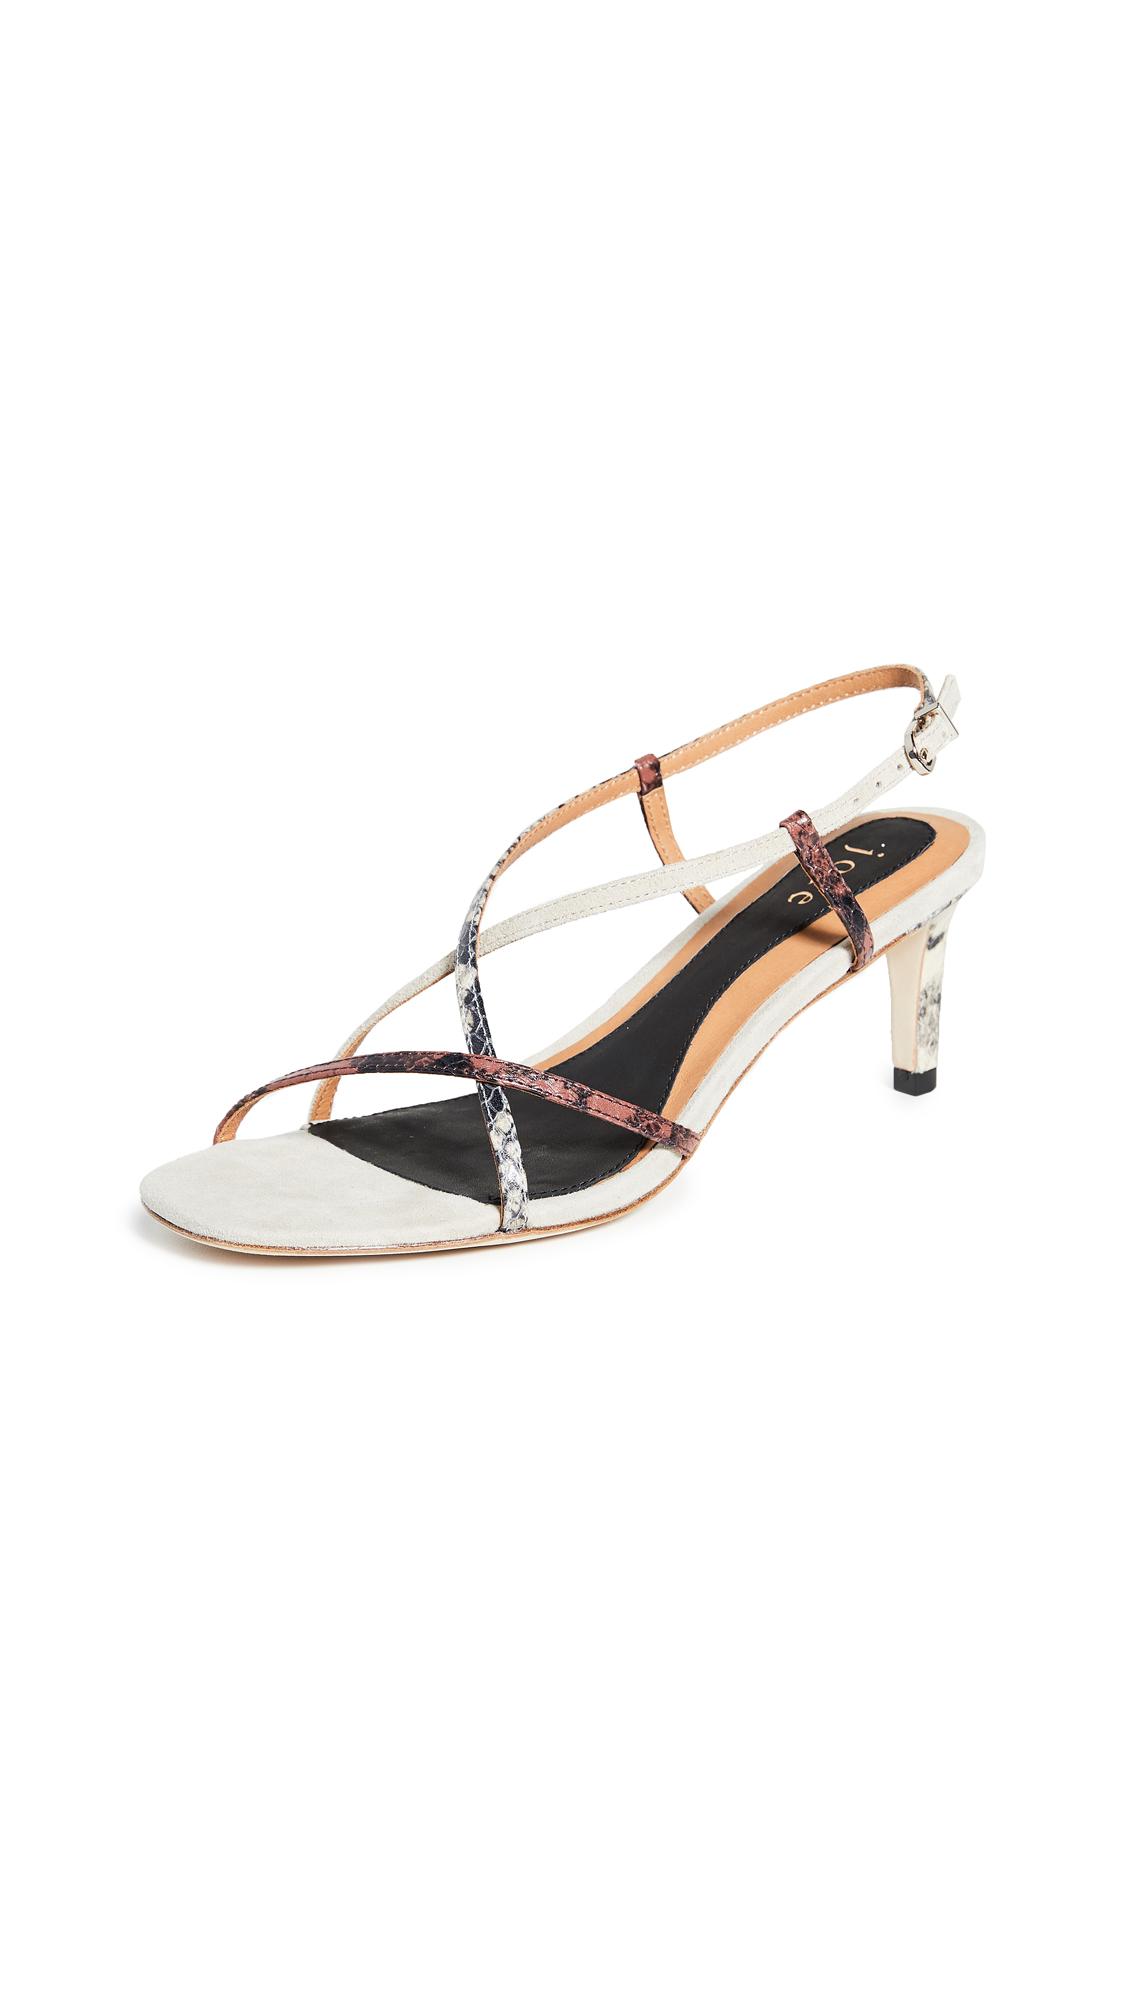 Joie Malou Sandals - 70% Off Sale